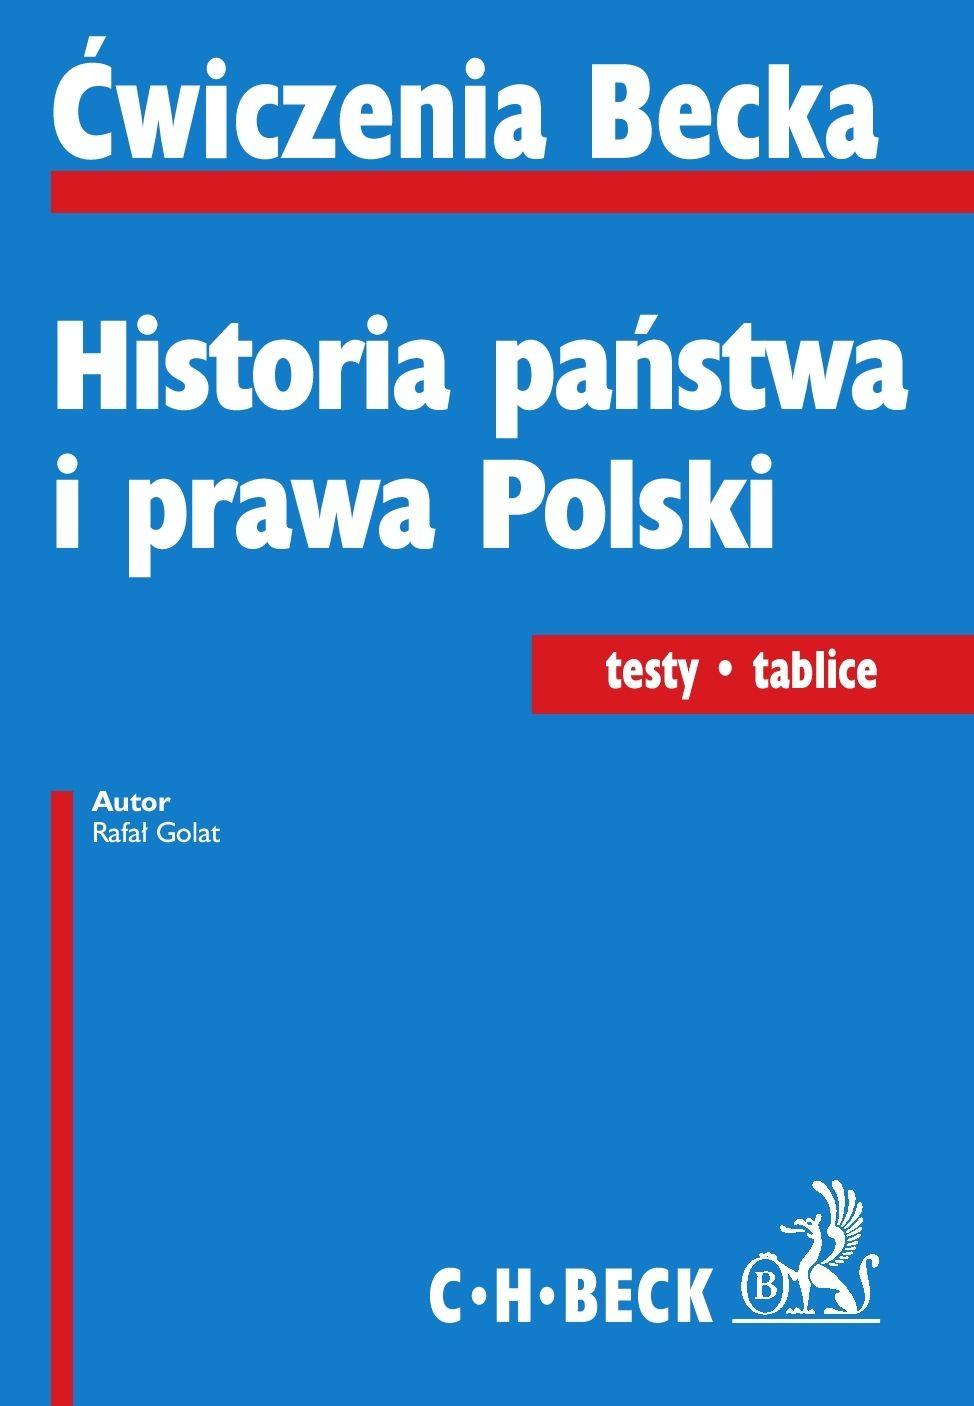 Historia państwa i prawa Polski. Testy. Tablice - Ebook (Książka PDF) do pobrania w formacie PDF